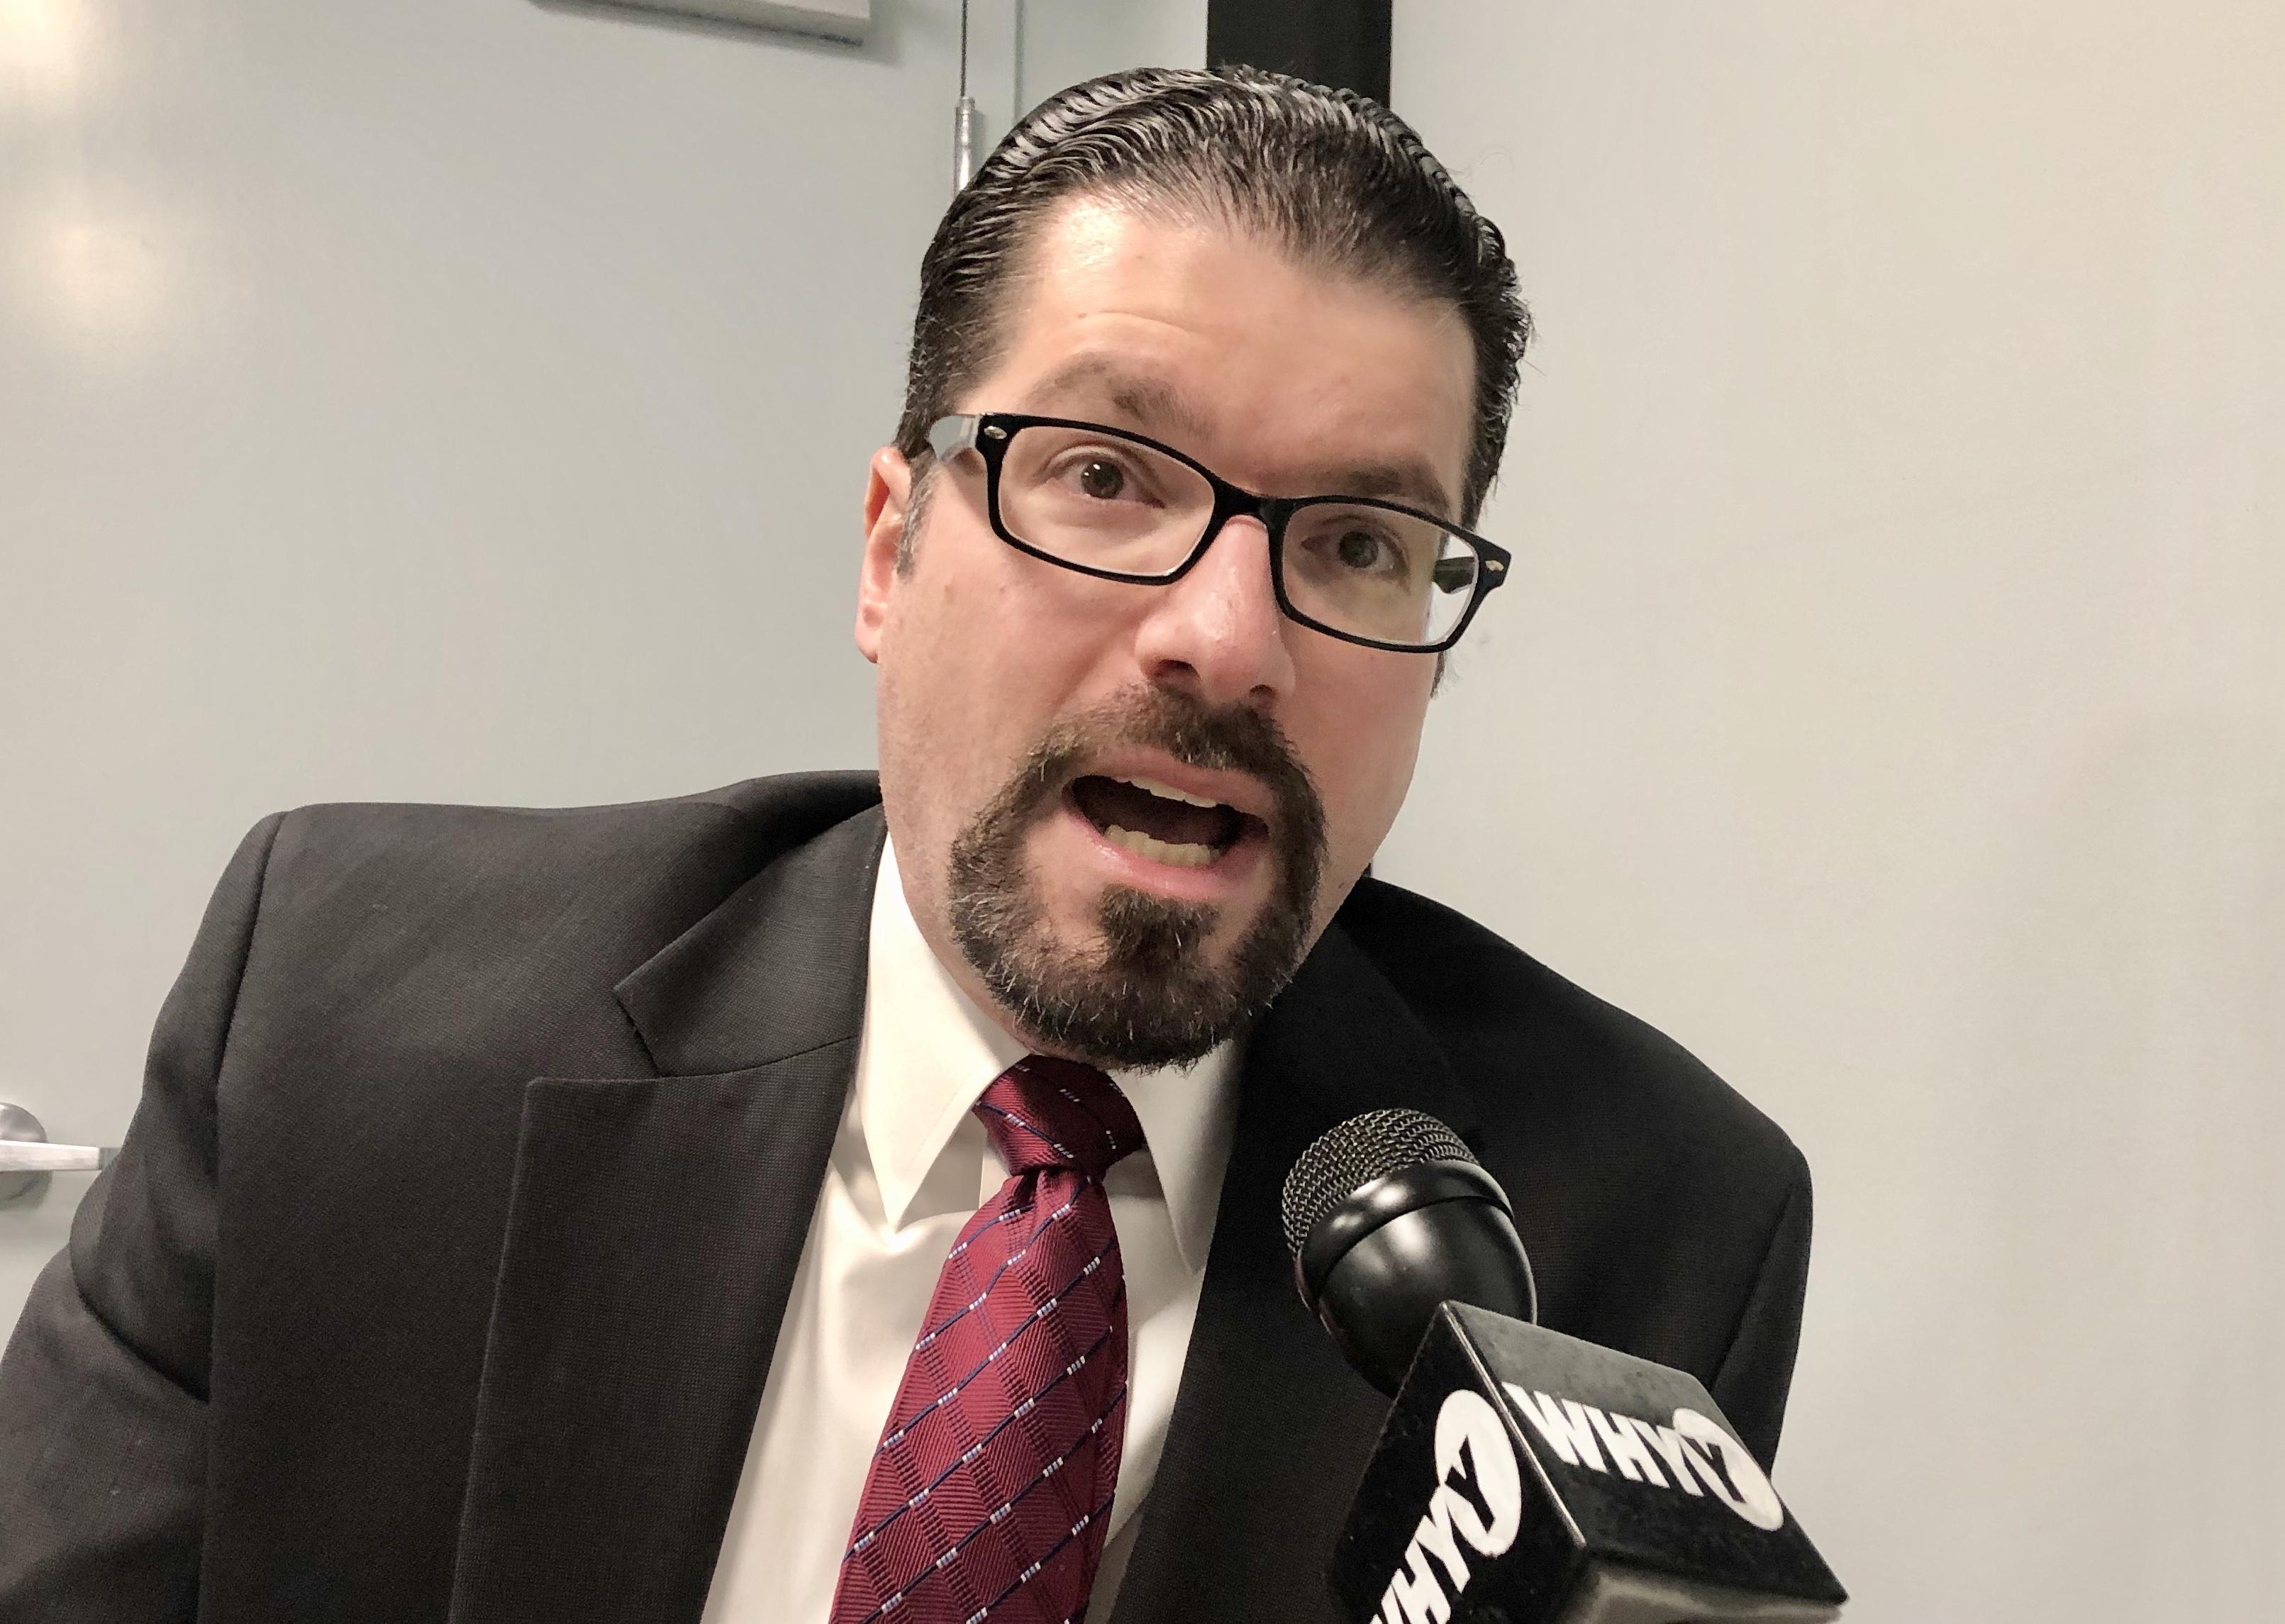 Attorney Stephen Neuberger